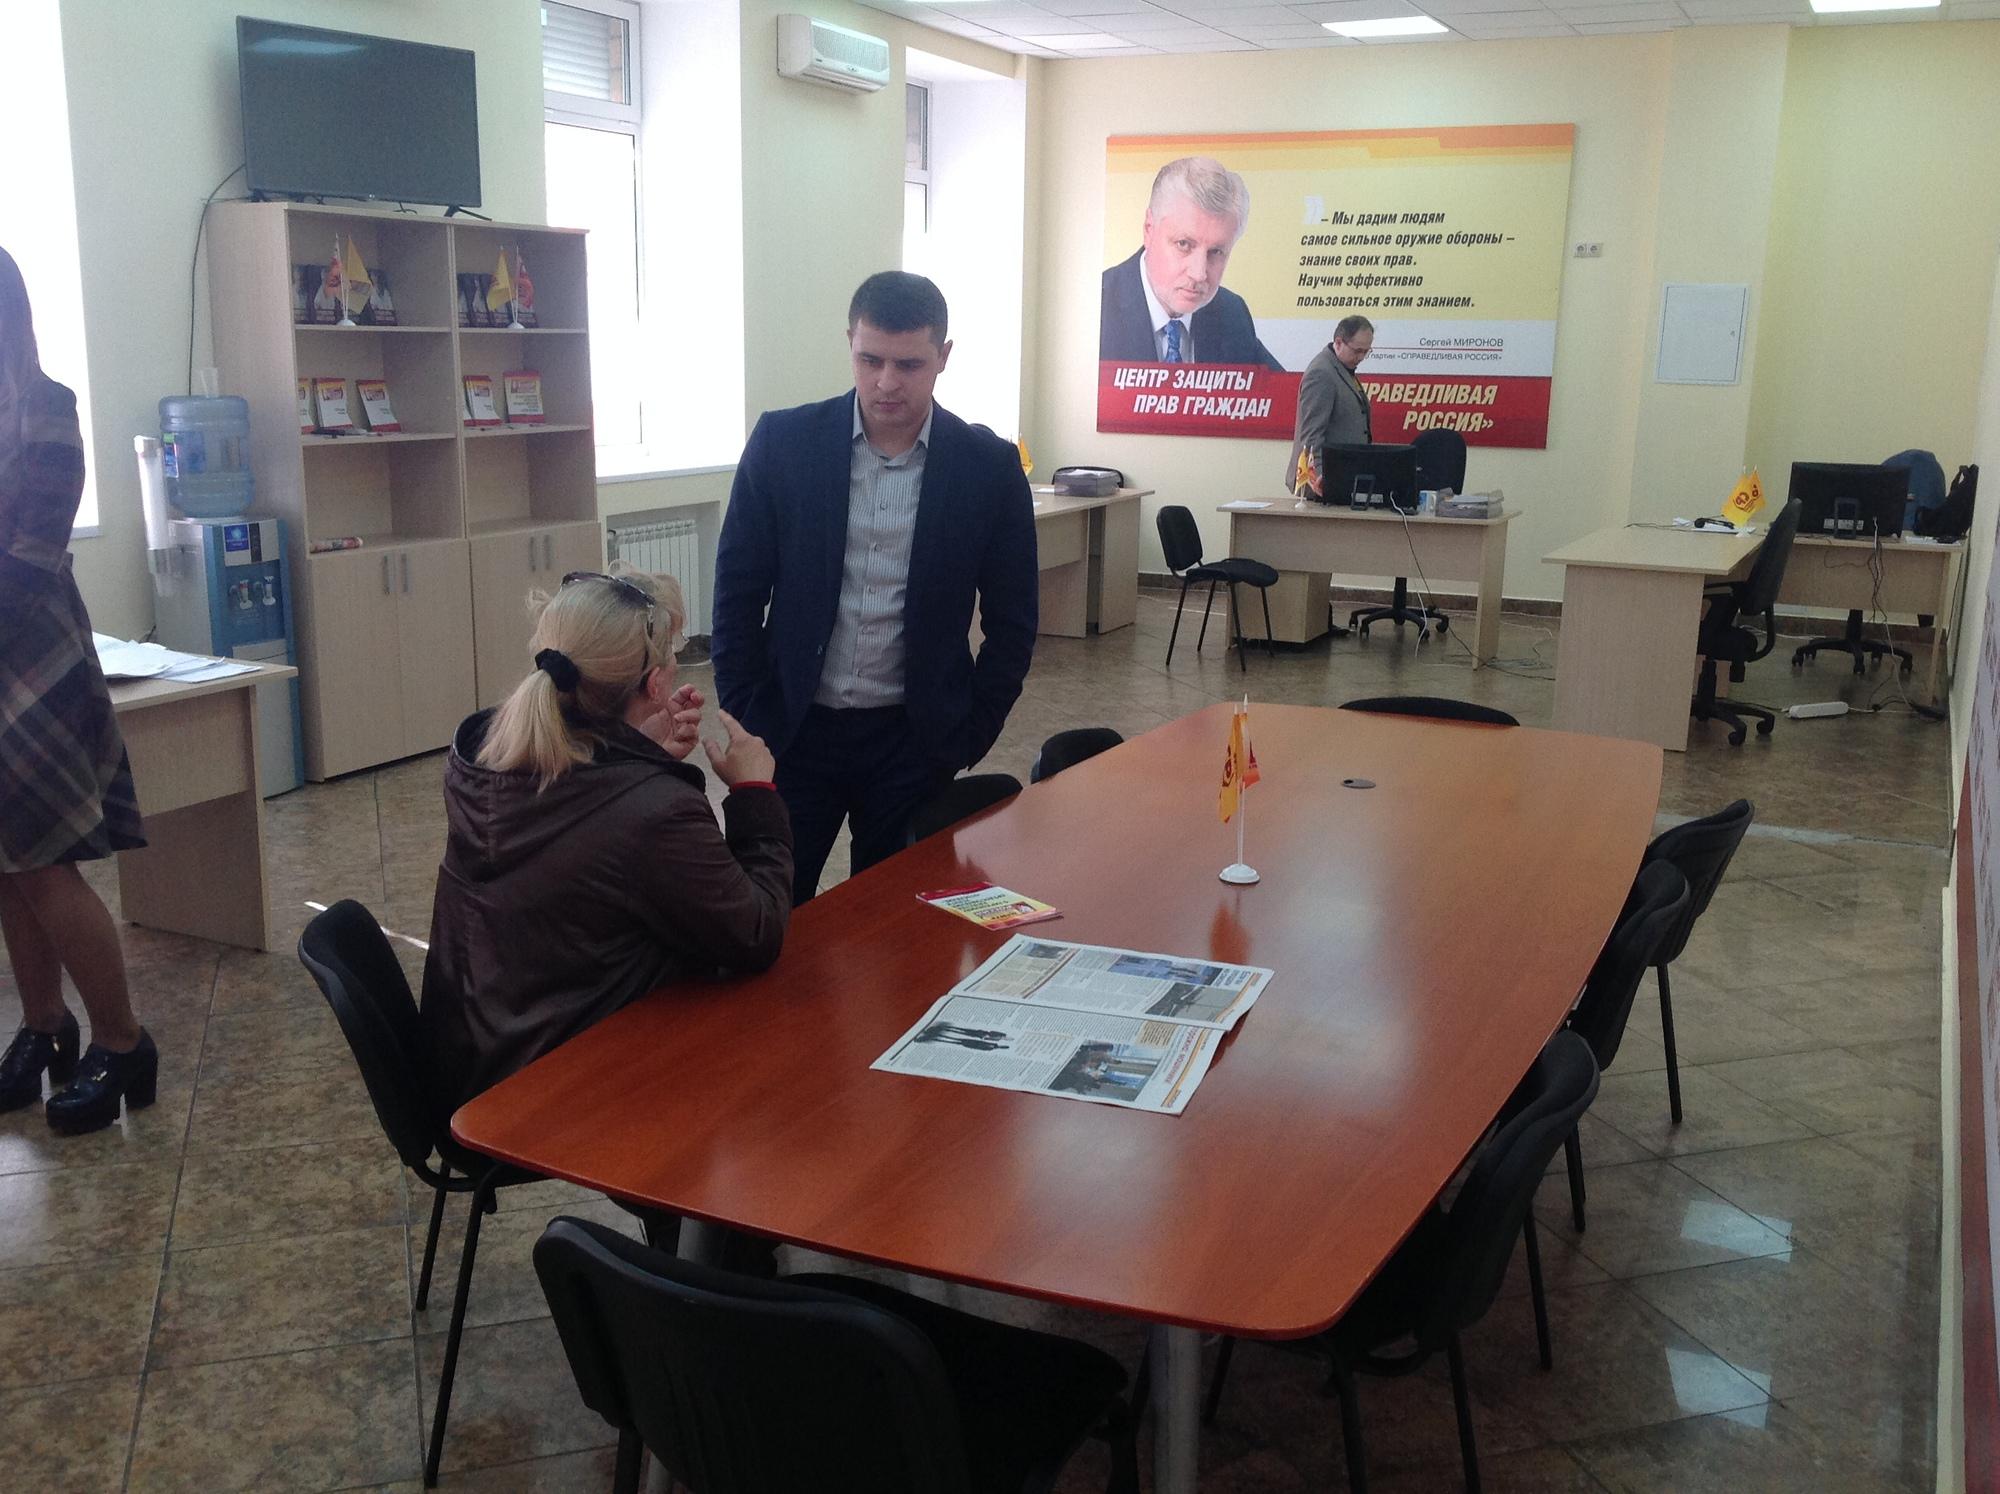 Документы для кредита в москве Новоподмосковный 2-й переулок купить трудовой договор Предтеченский Большой переулок